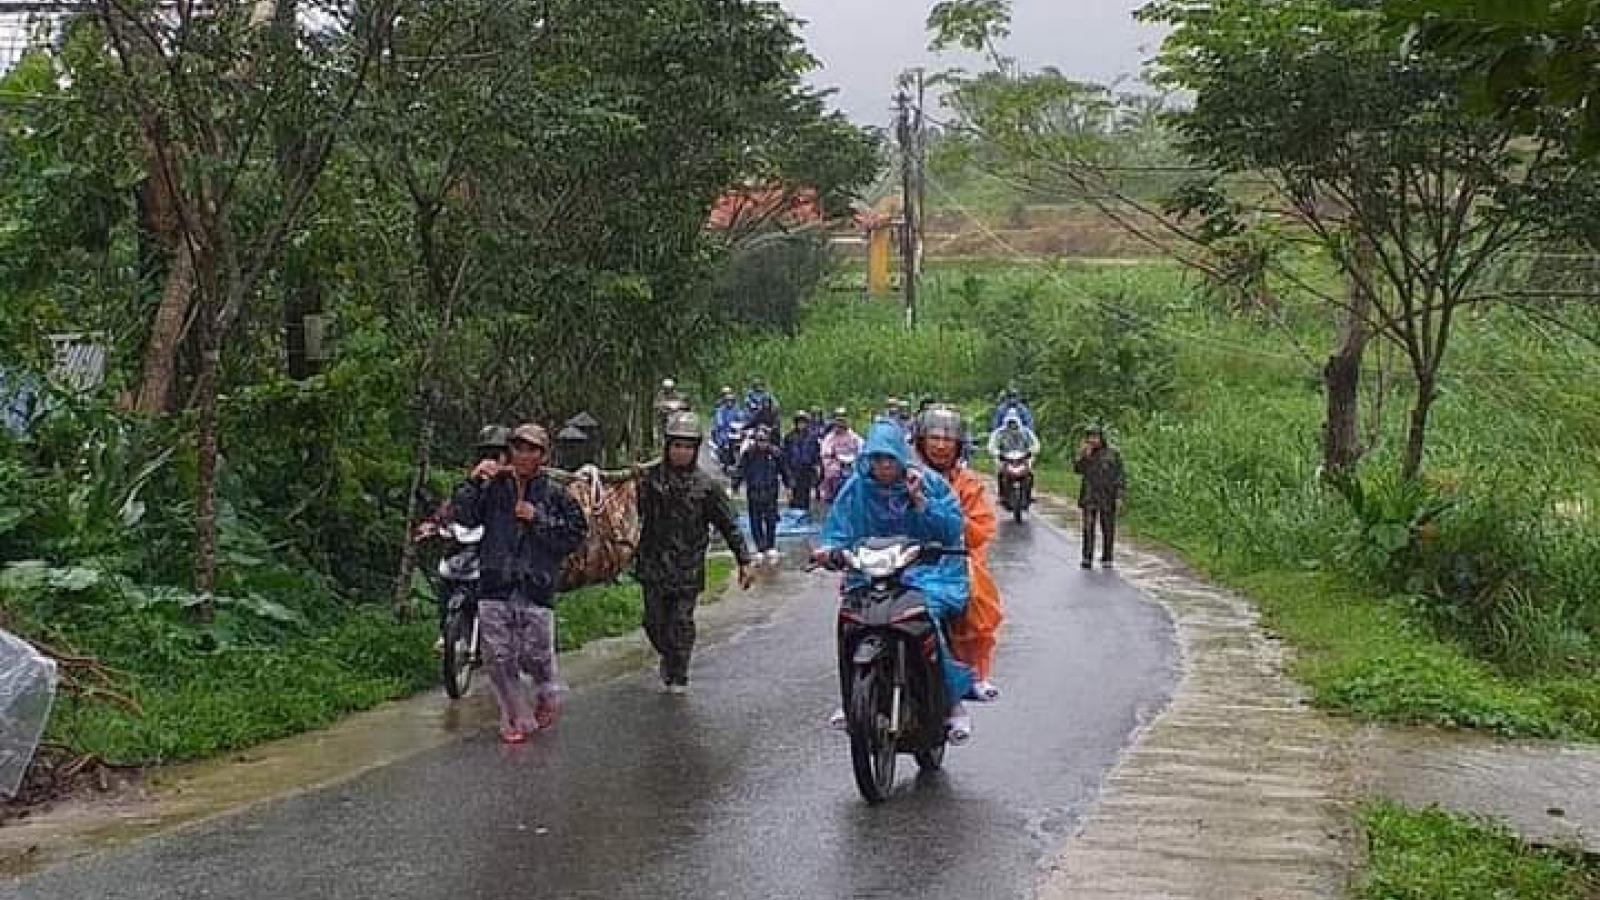 Quảng Nam tìm thấy thi thể người phụ nữ gần thác nước